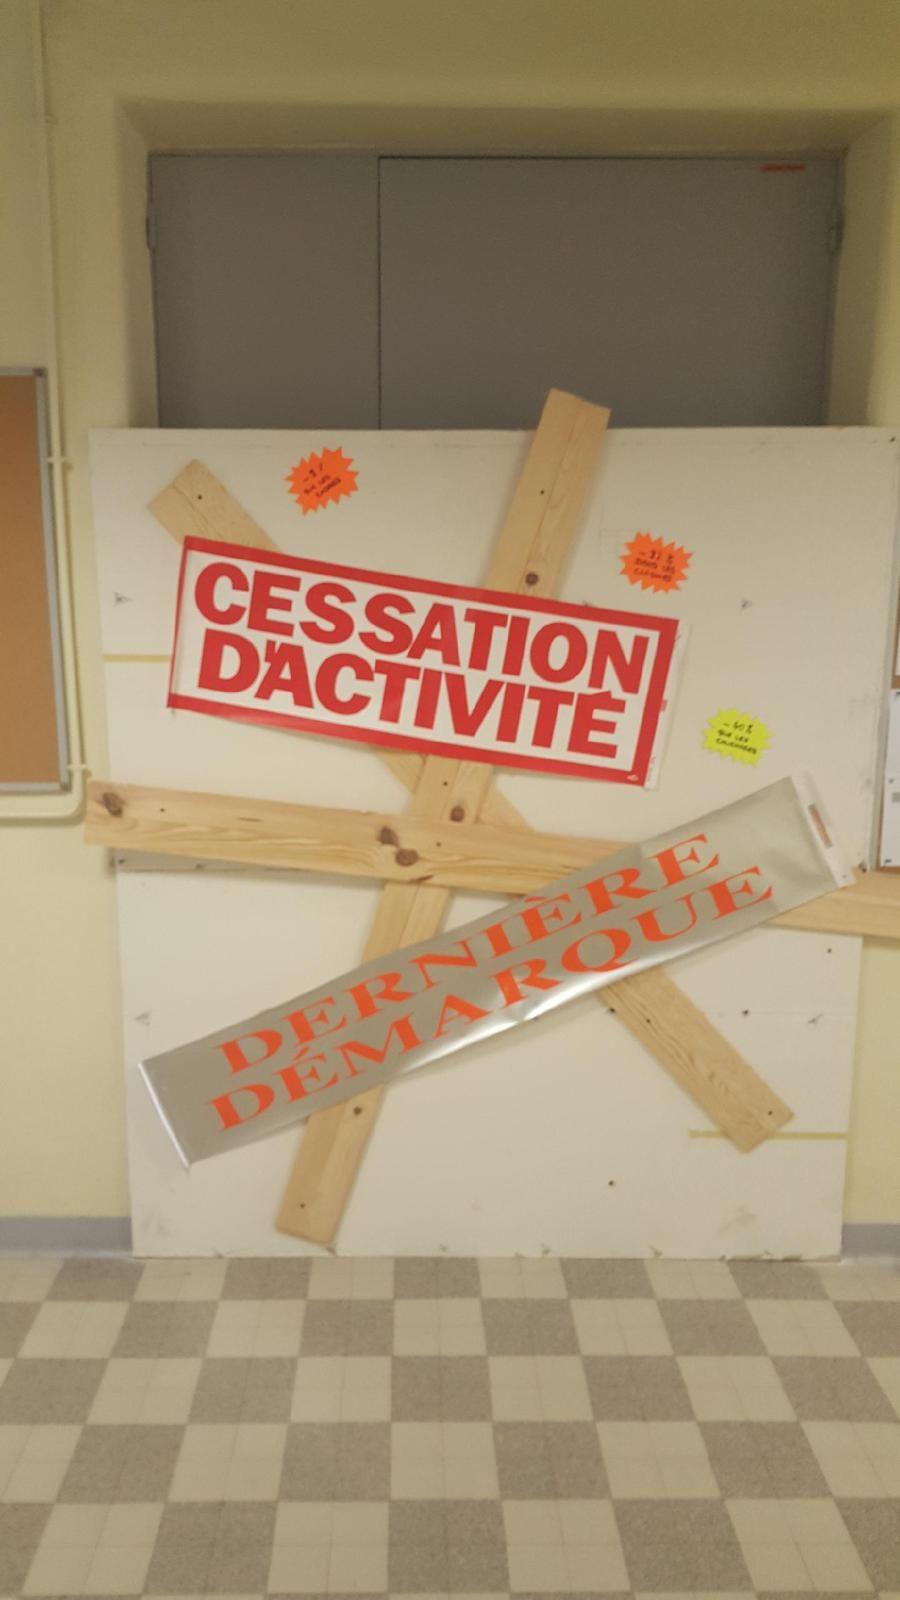 Hôpital : le bureau du directeur condamné